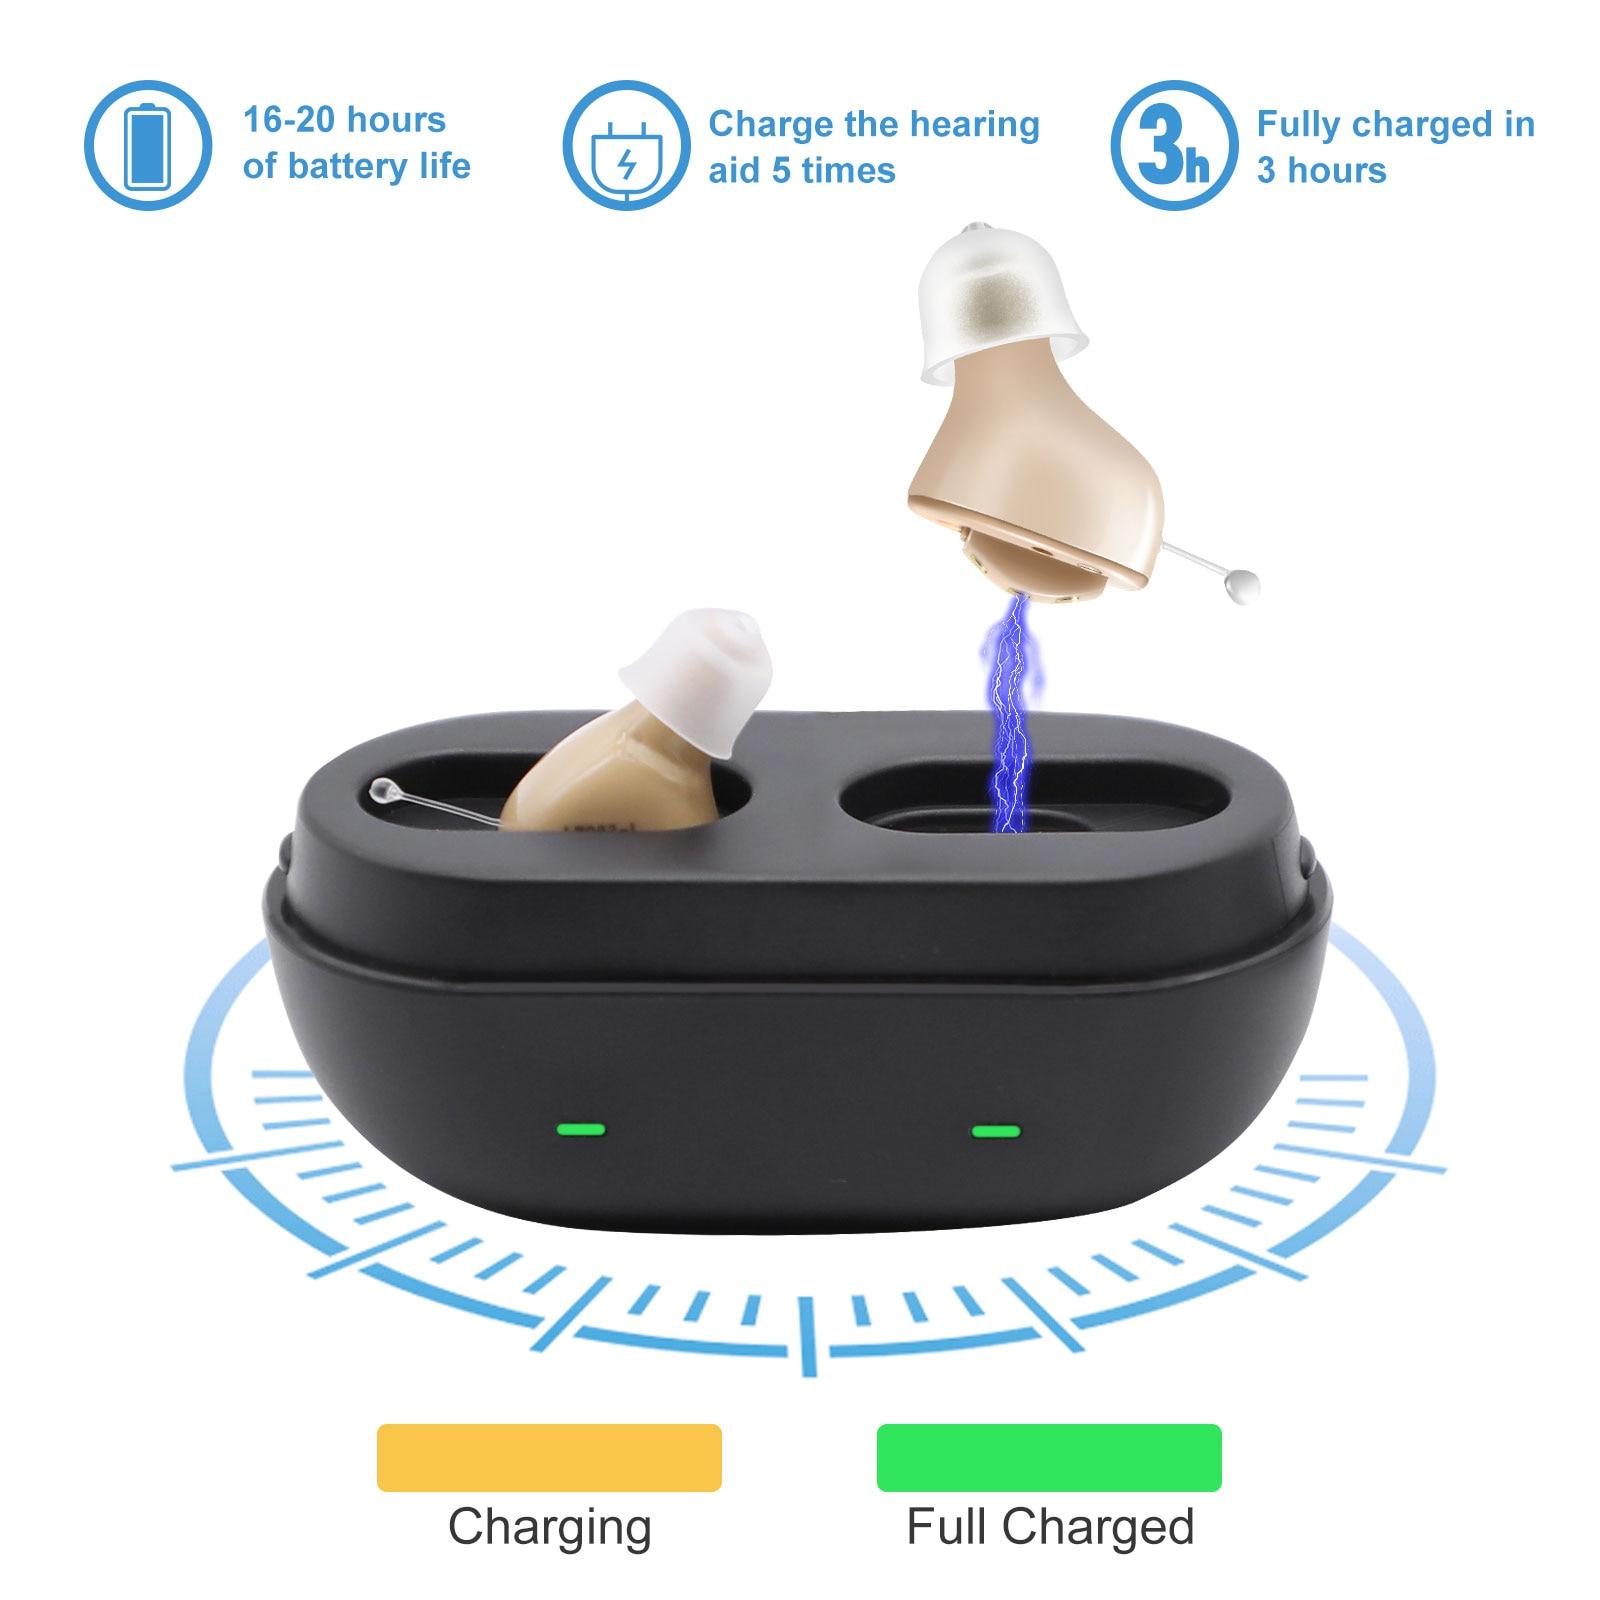 2021 ذكي 7 قنوات قابلة للشحن مساعدات للسمع صوت صغير جدا 111dB جهاز السمع غير مرئية تقليل الضوضاء للصمم